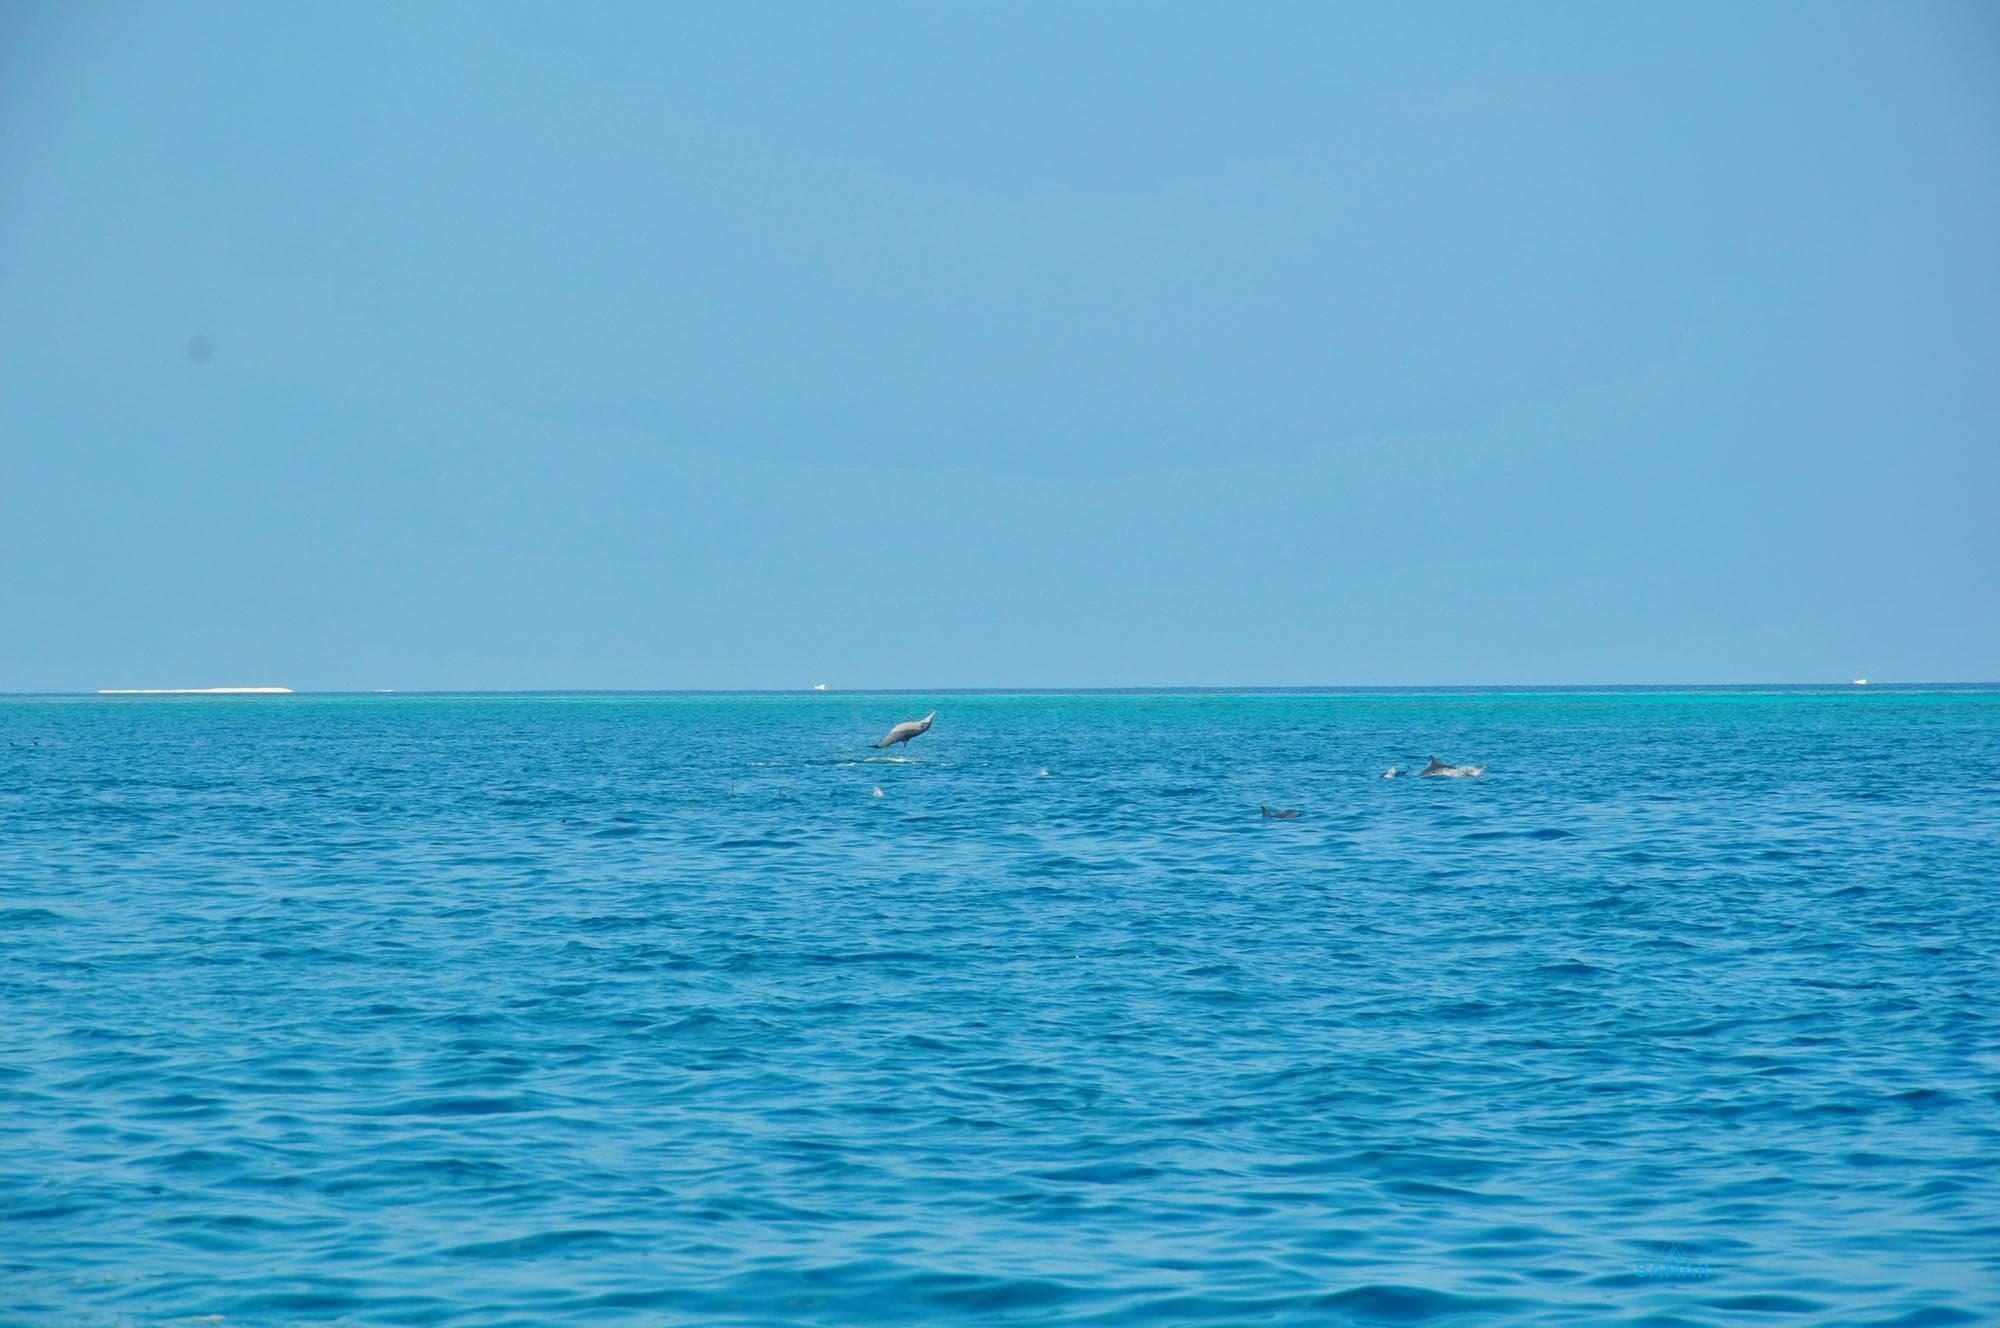 Дельфины пригыют из воды